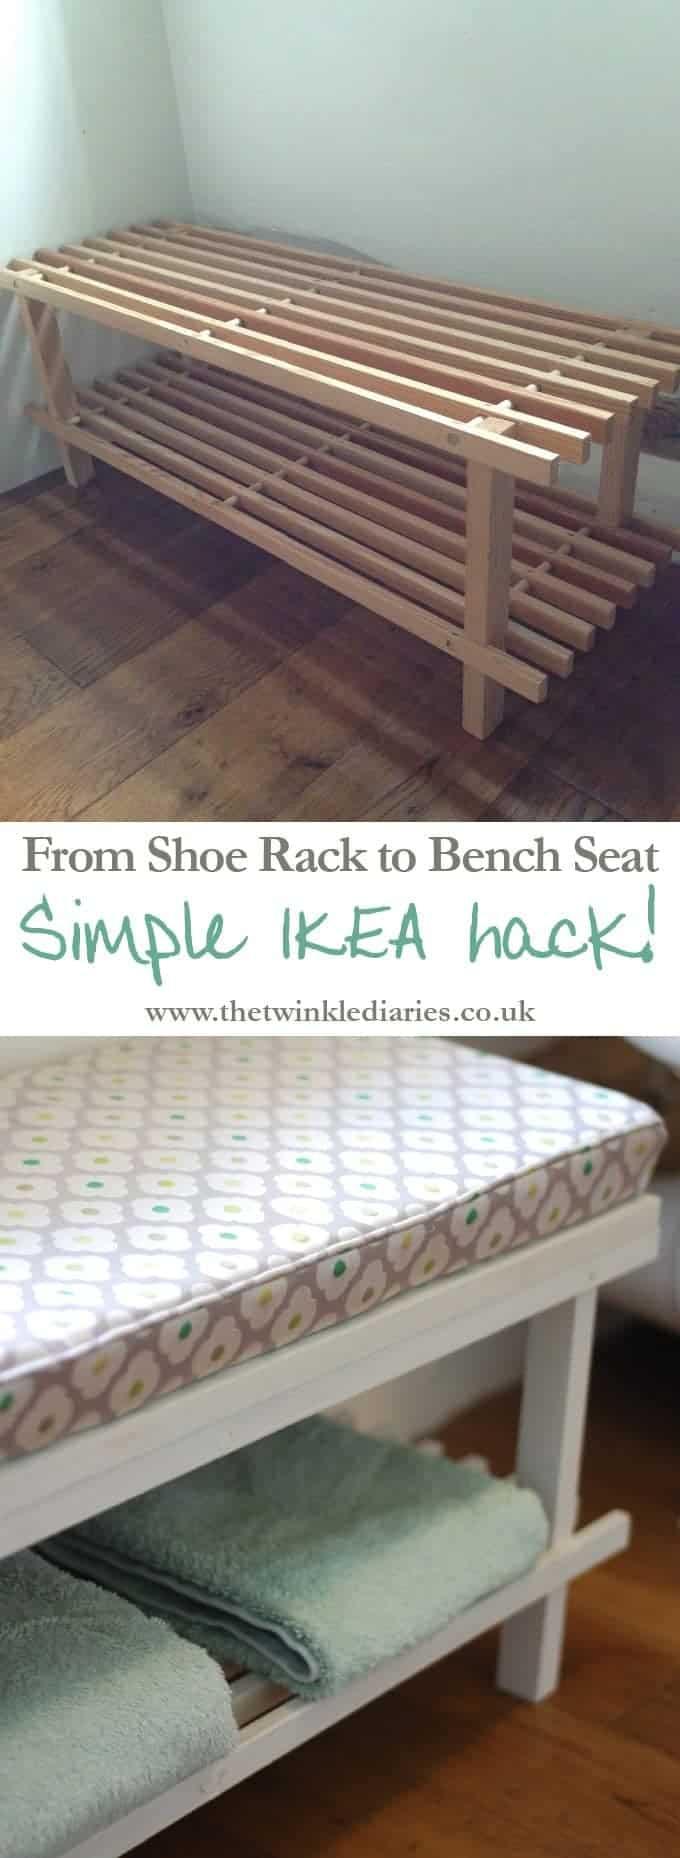 Shoe rack IKEA hack by The Twinkle Diaries